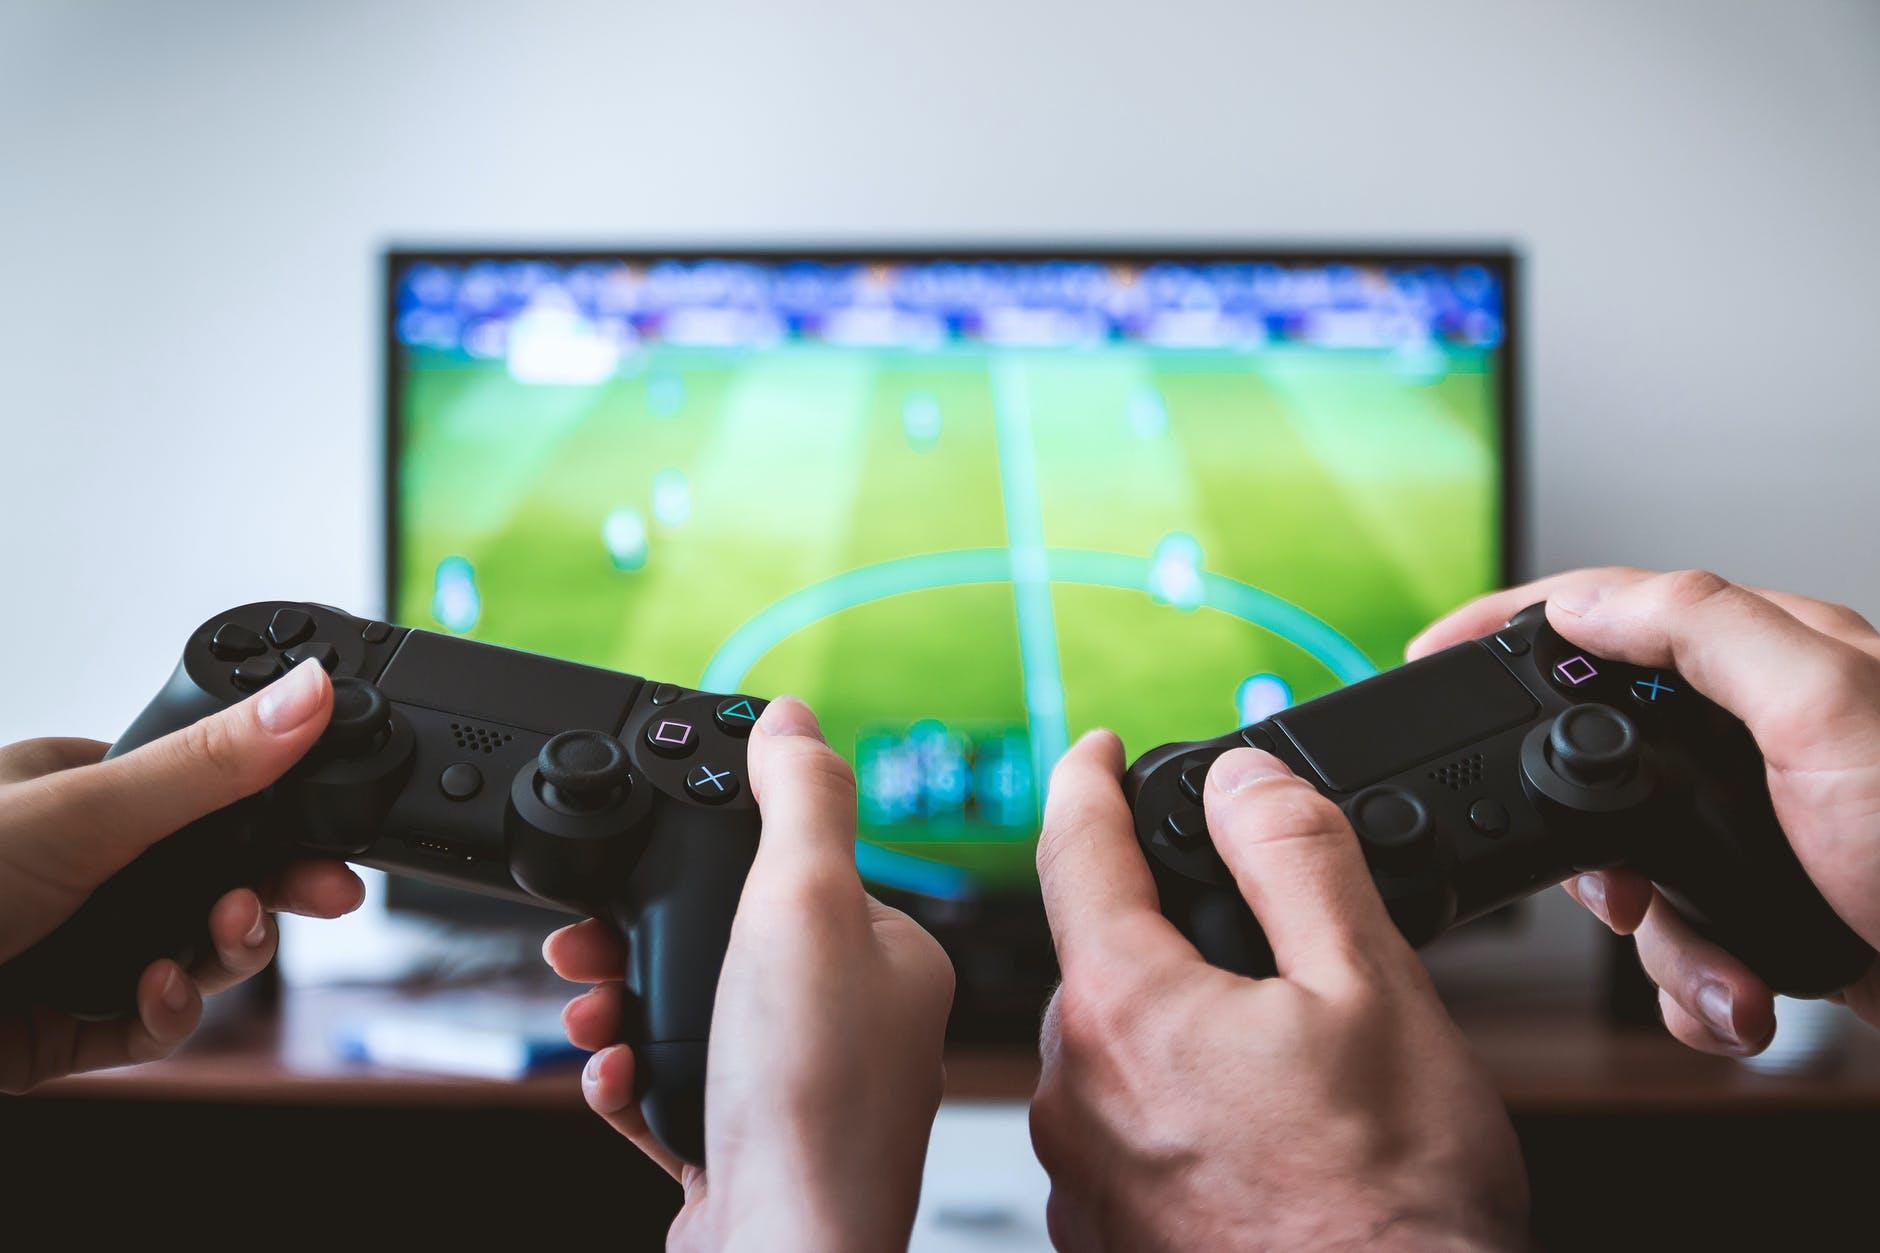 tedio na quarentena jogos online - Como espantar o tédio na quarentena